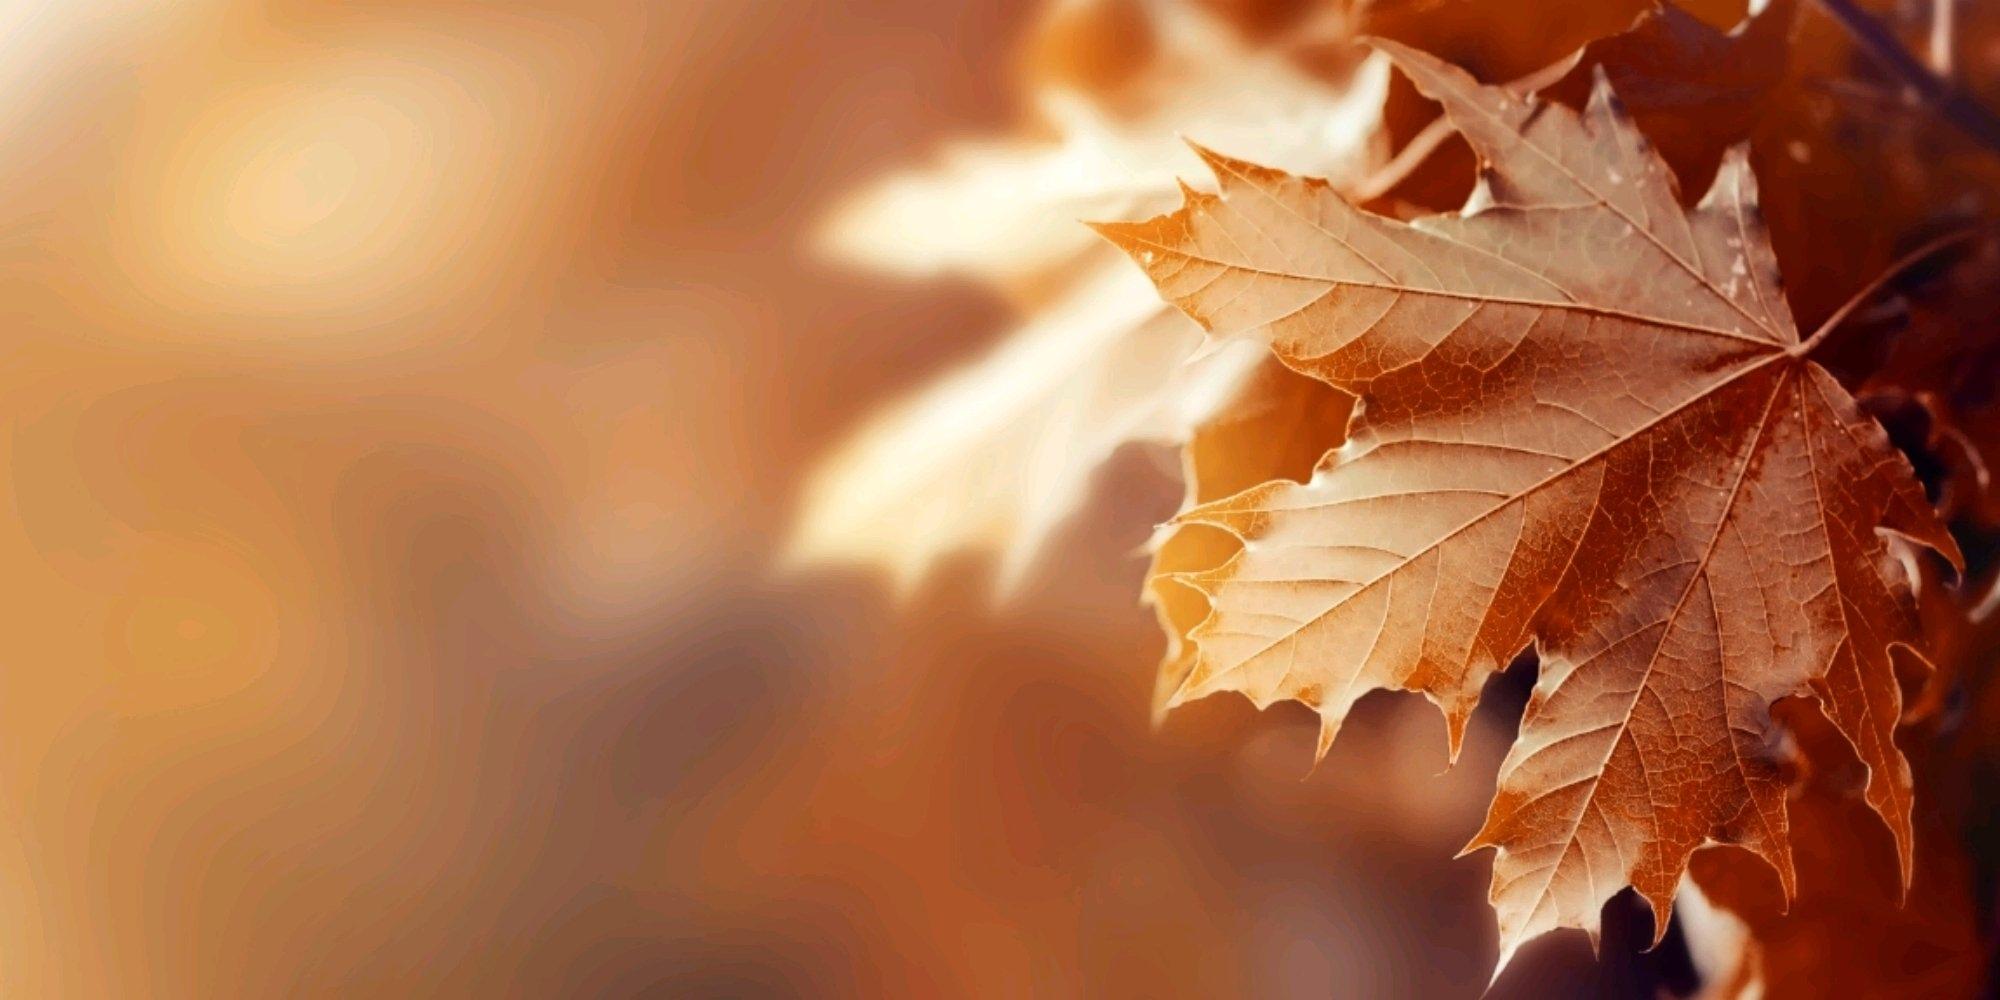 Духи на осень: какие выбрать   5 актуальных женских и мужских осенних ароматов